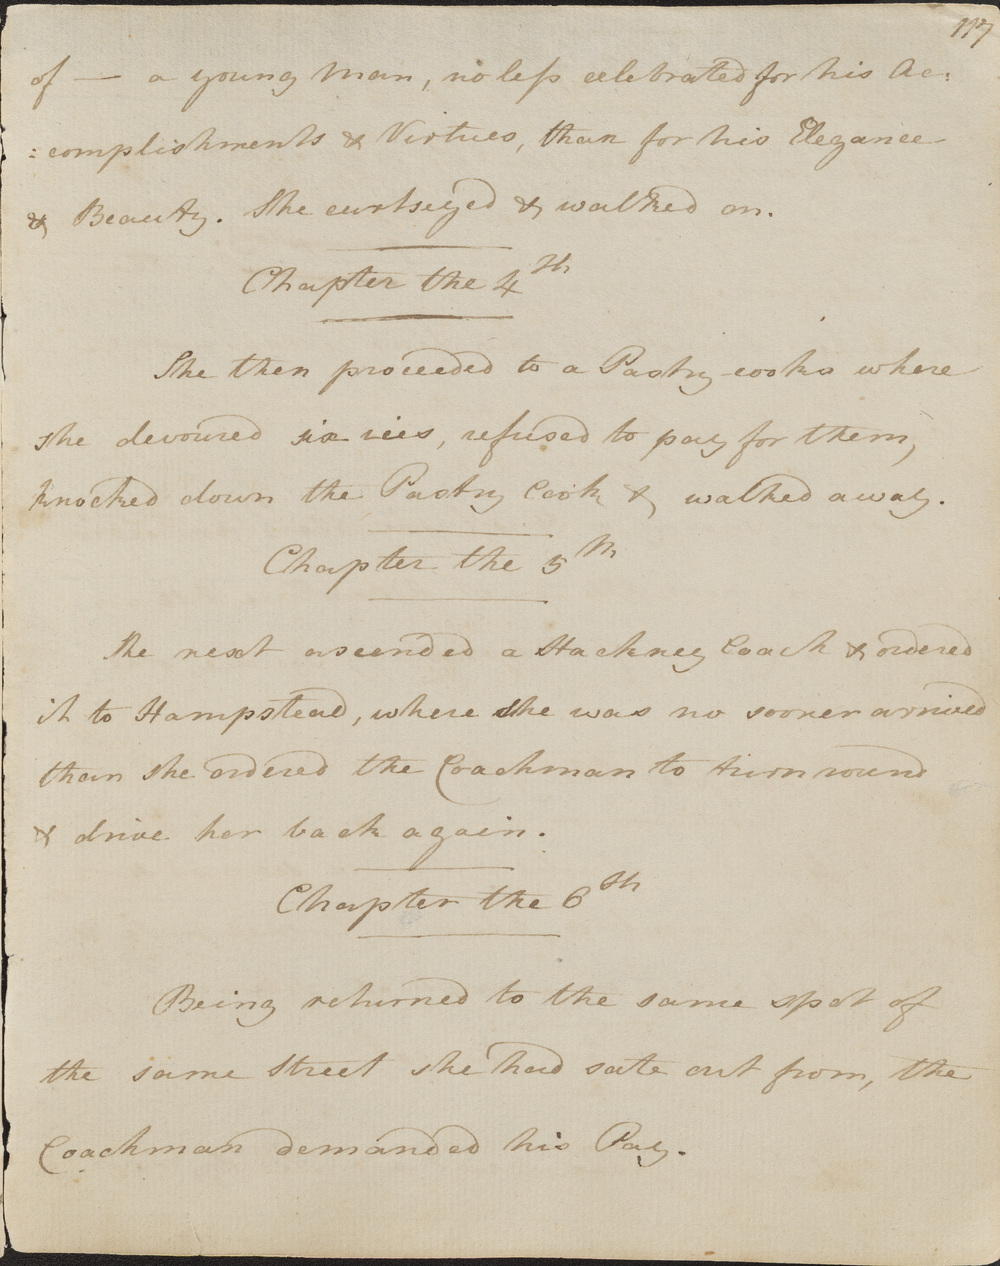 Jane Austen 'Volume the First'